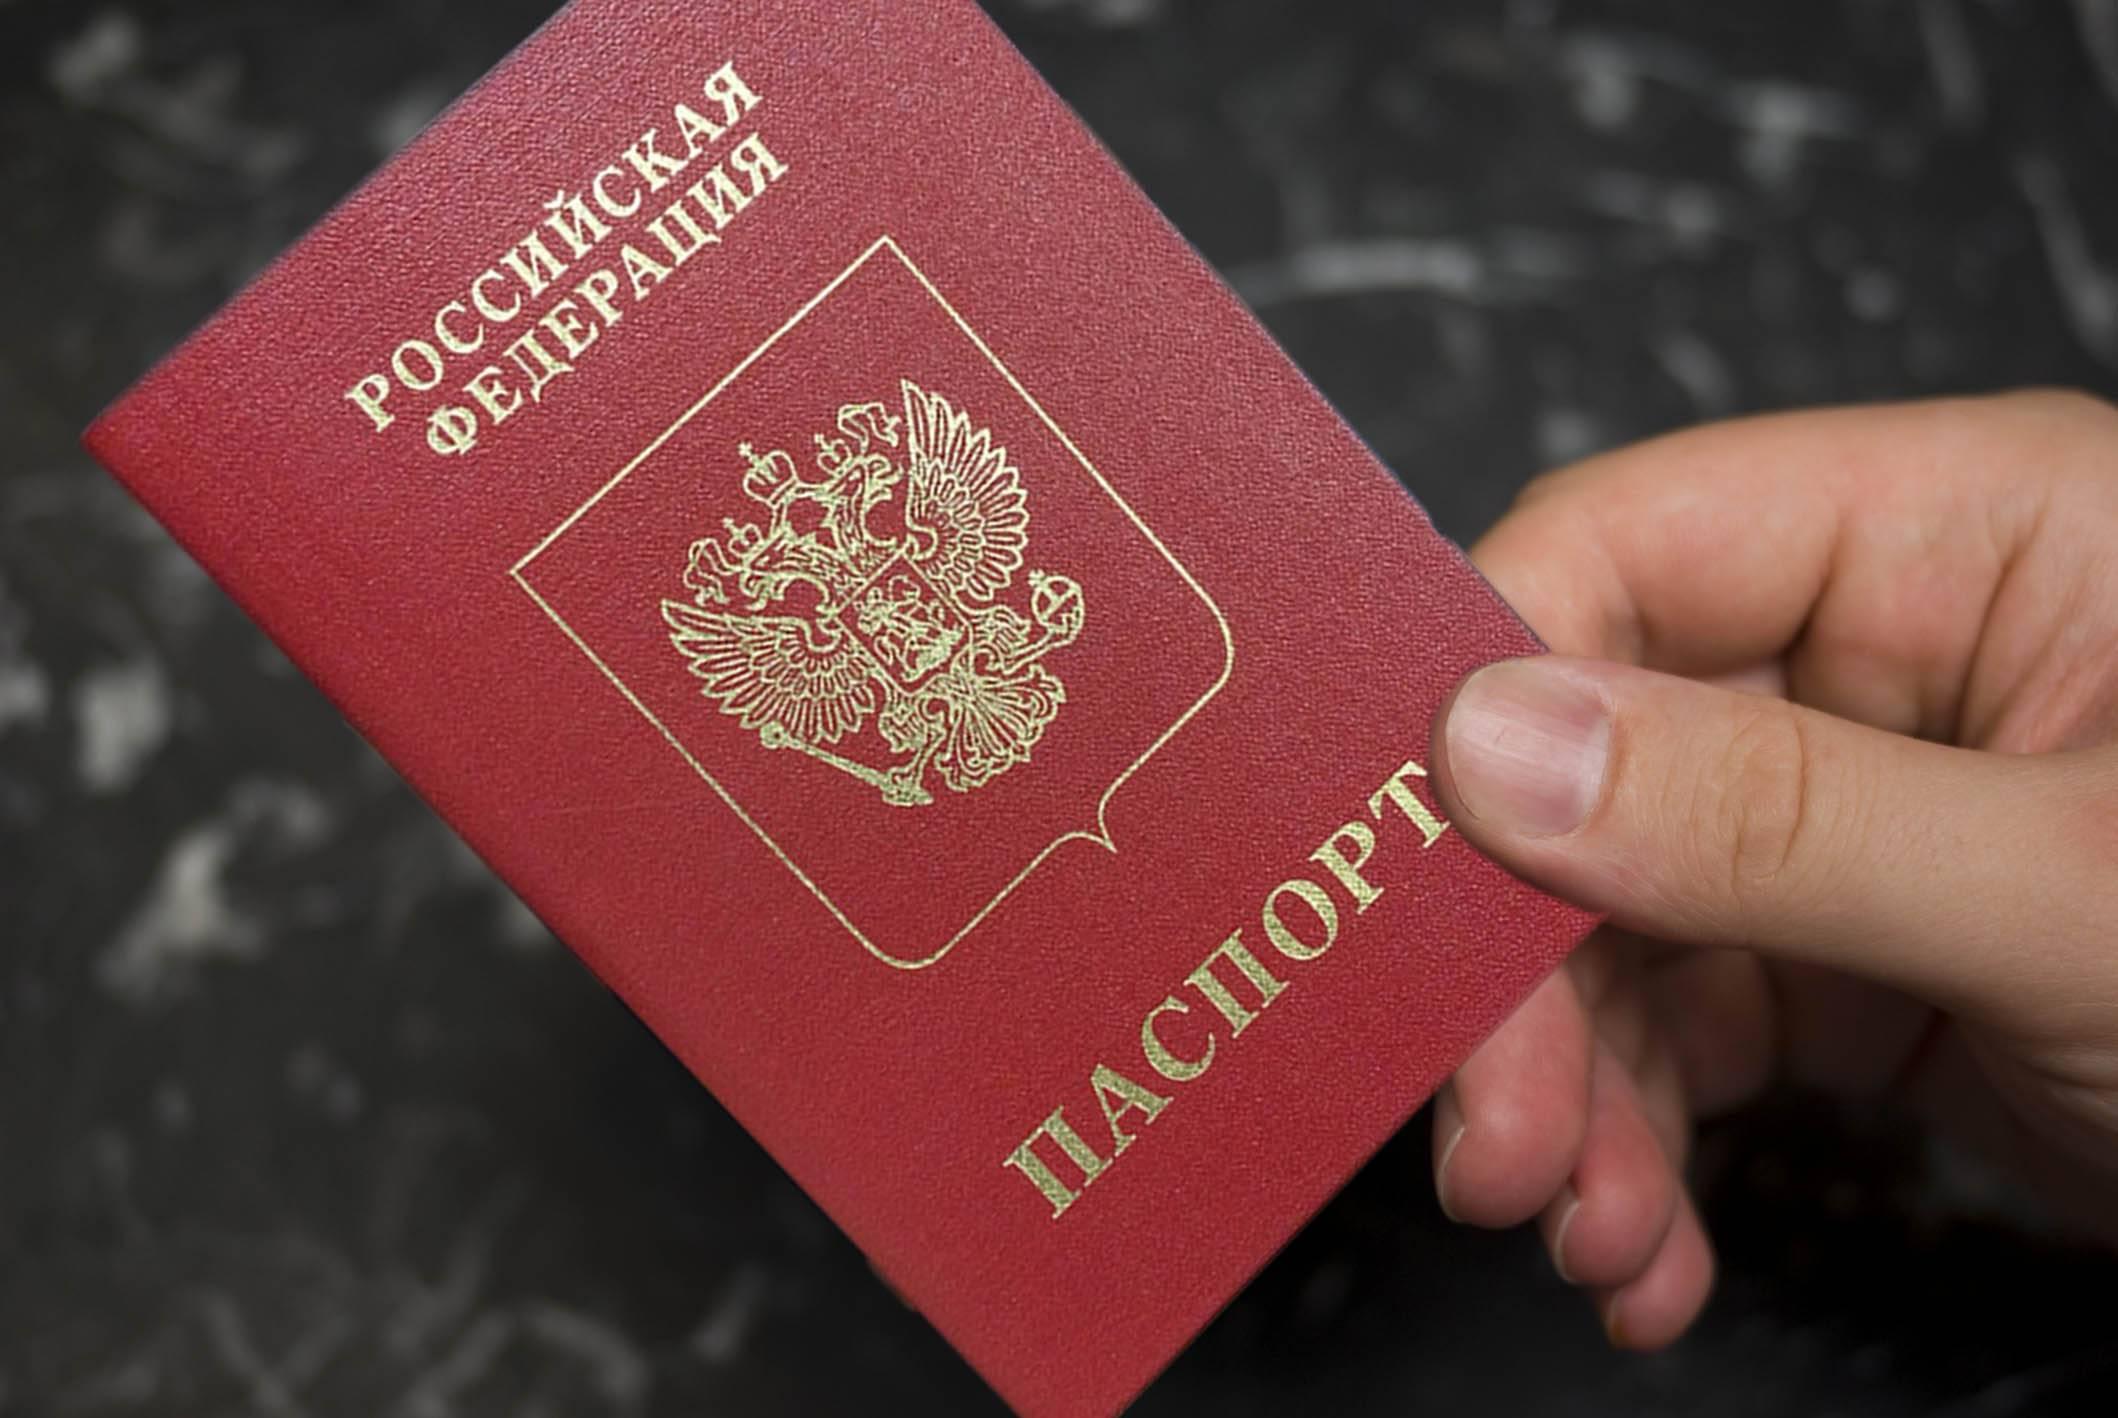 Проверить недействительность паспорта гражданина рф